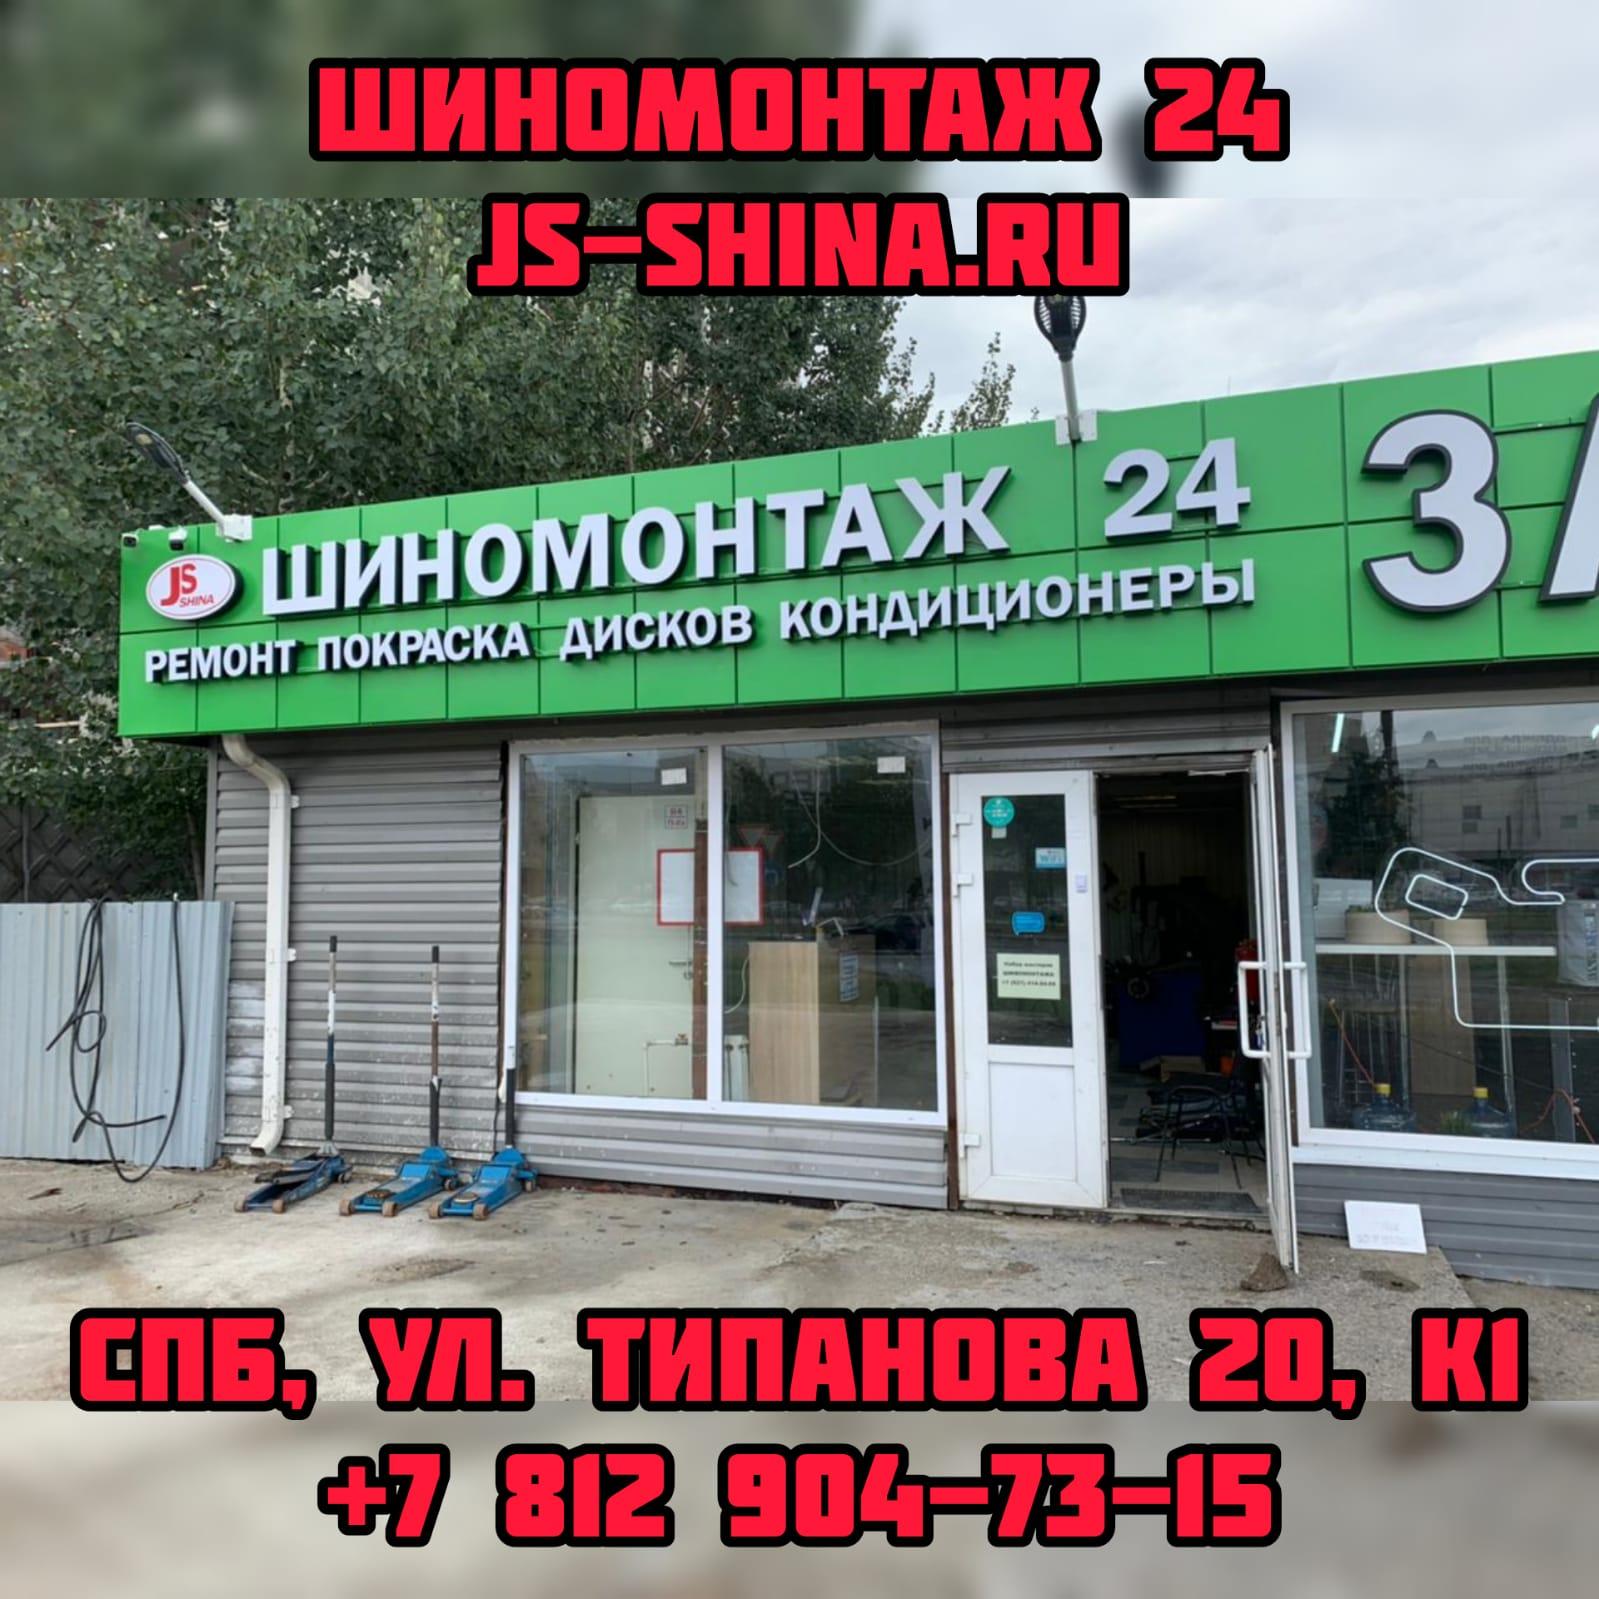 Открылся новый филиал Шиномонтаж 24 JS-Shina Санкт-Петербург у метро Московская ул. Типанова. 20, к.1